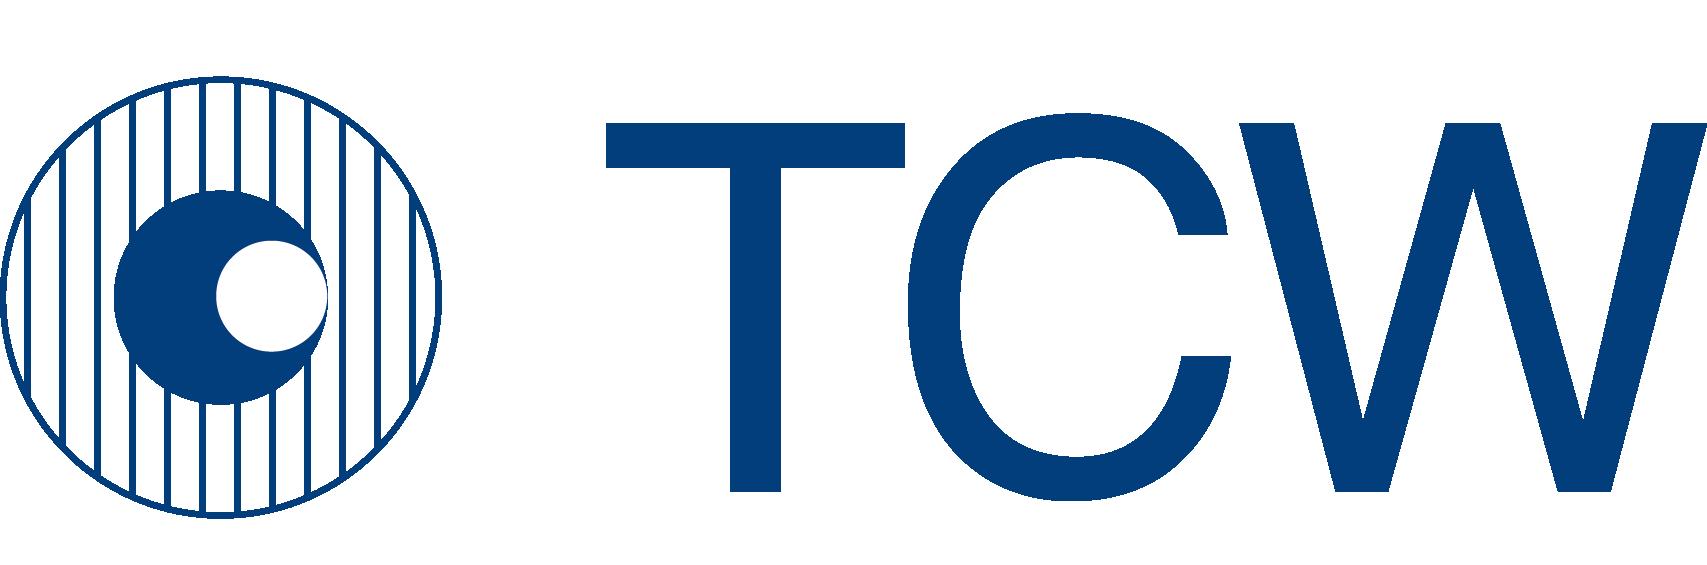 TCW_LOGO_100_70_0_30